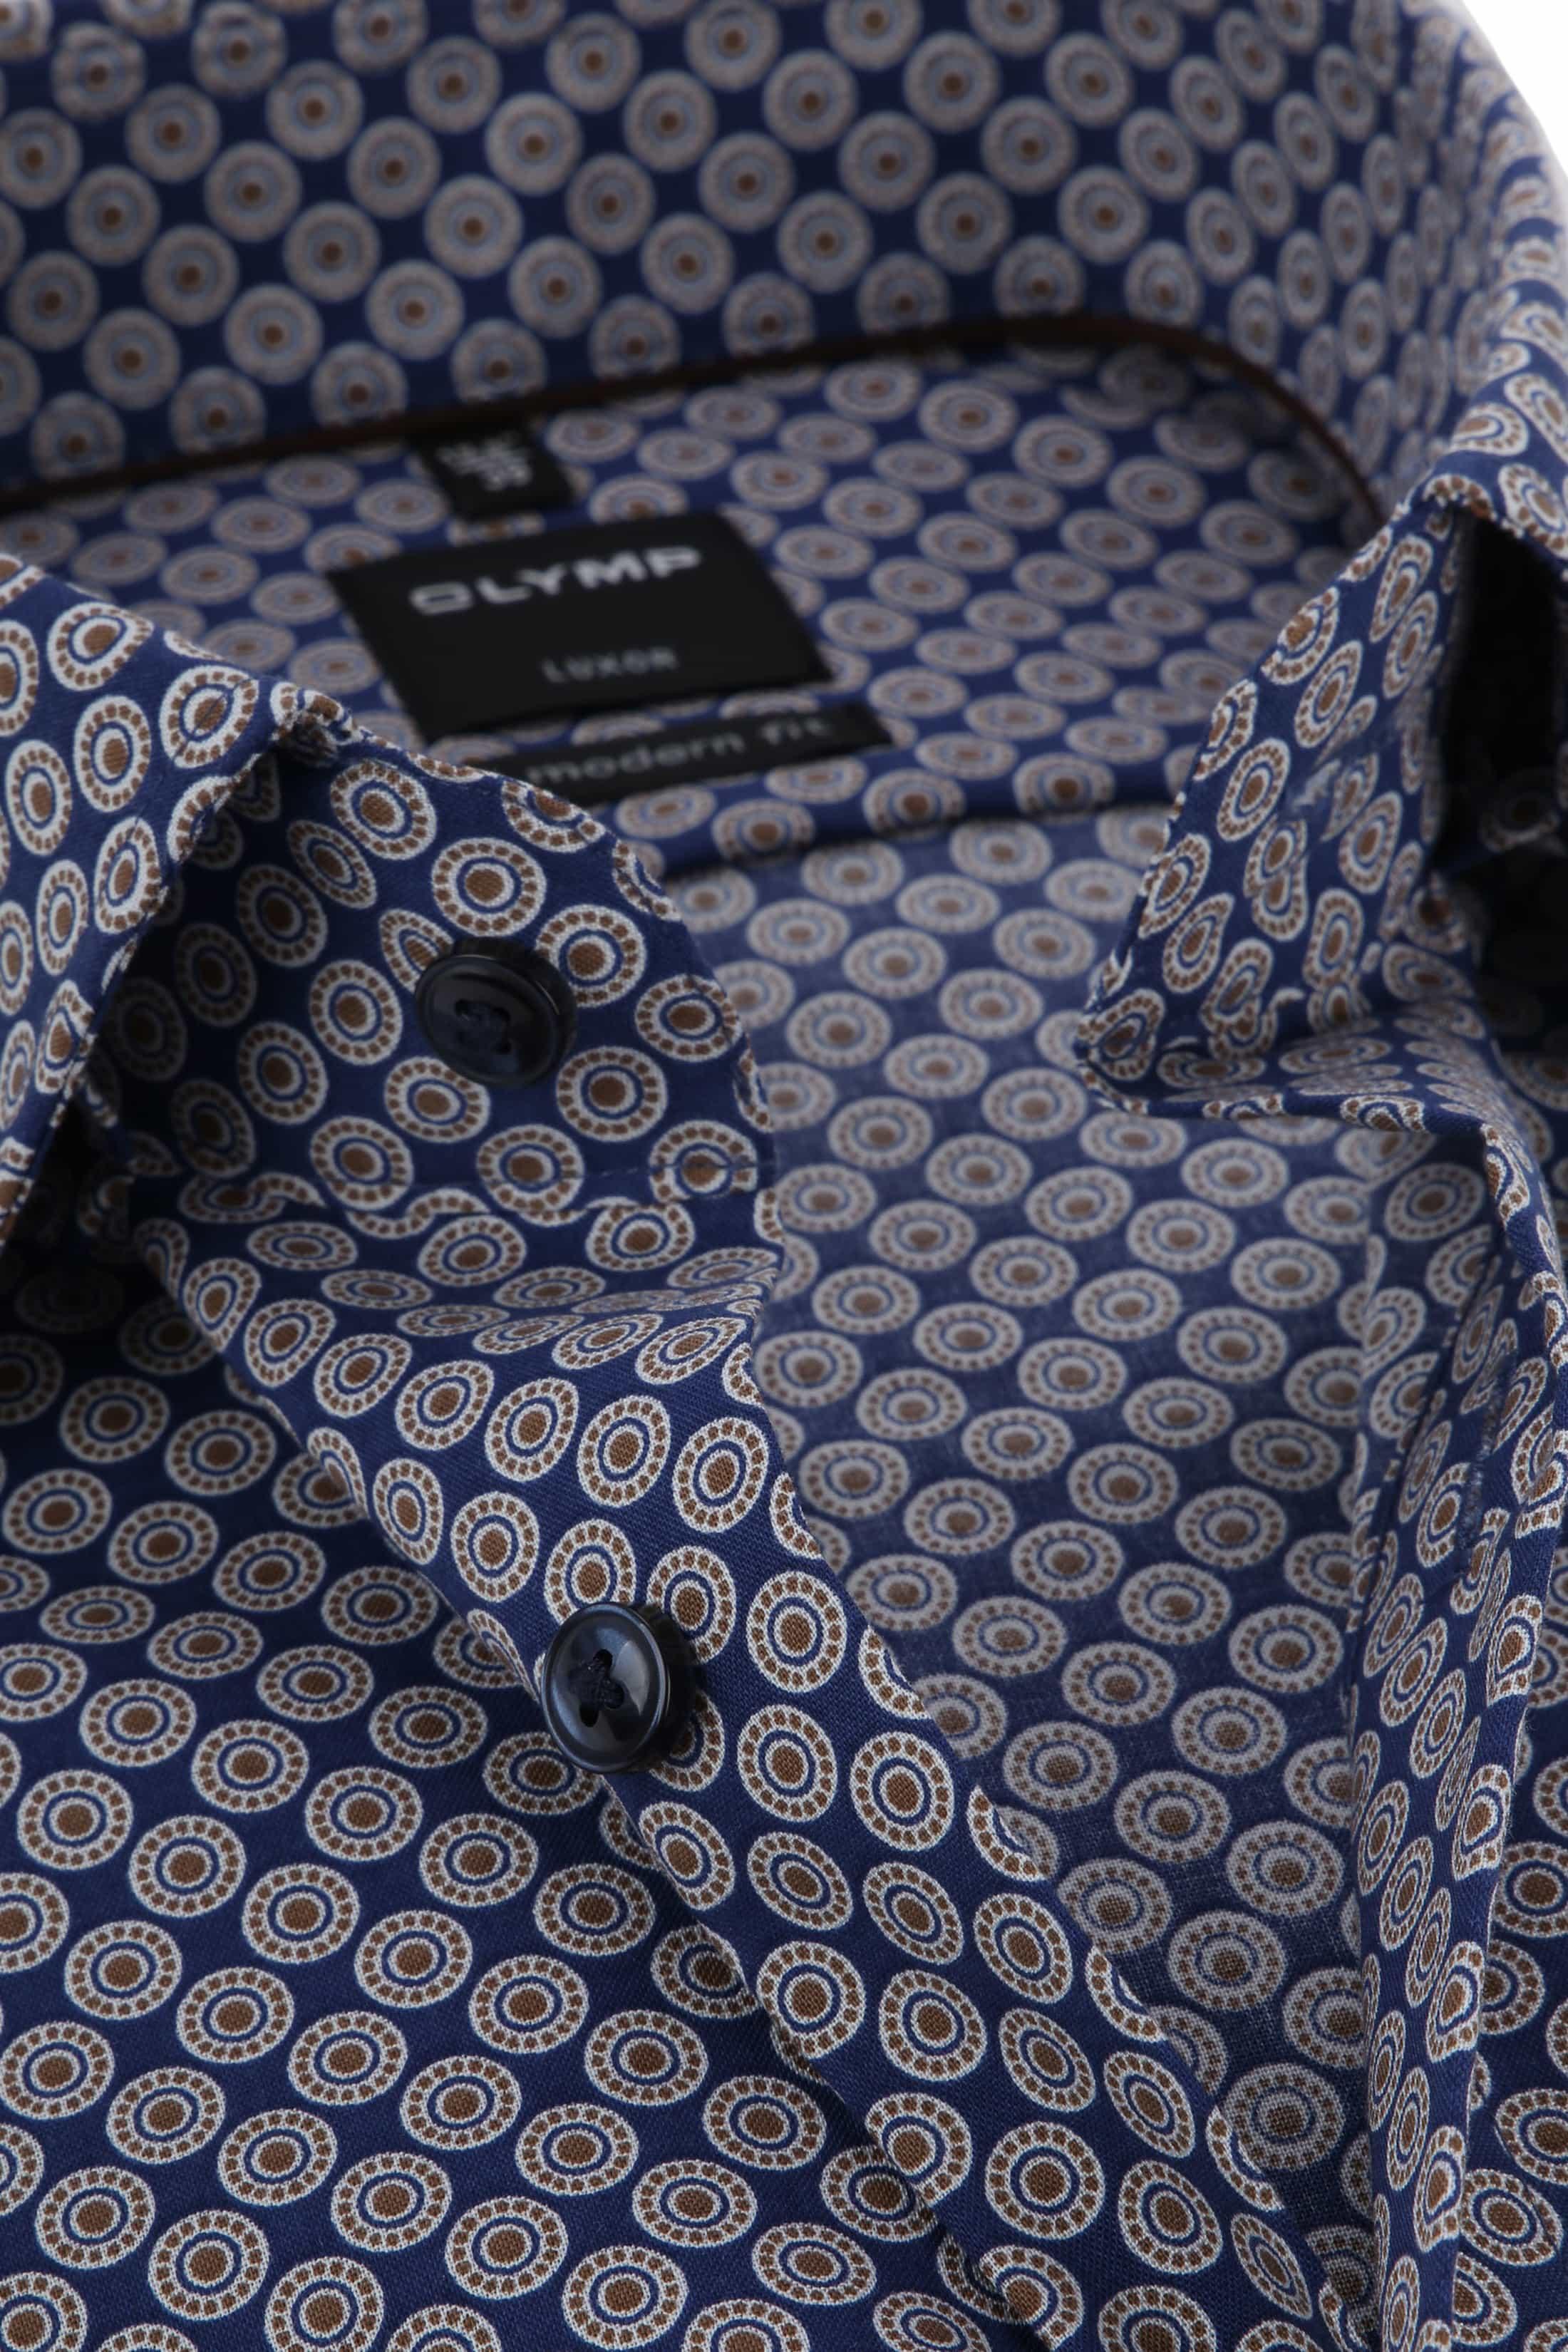 OLYMP Luxor Overhemd MF Bruin Dessin foto 1